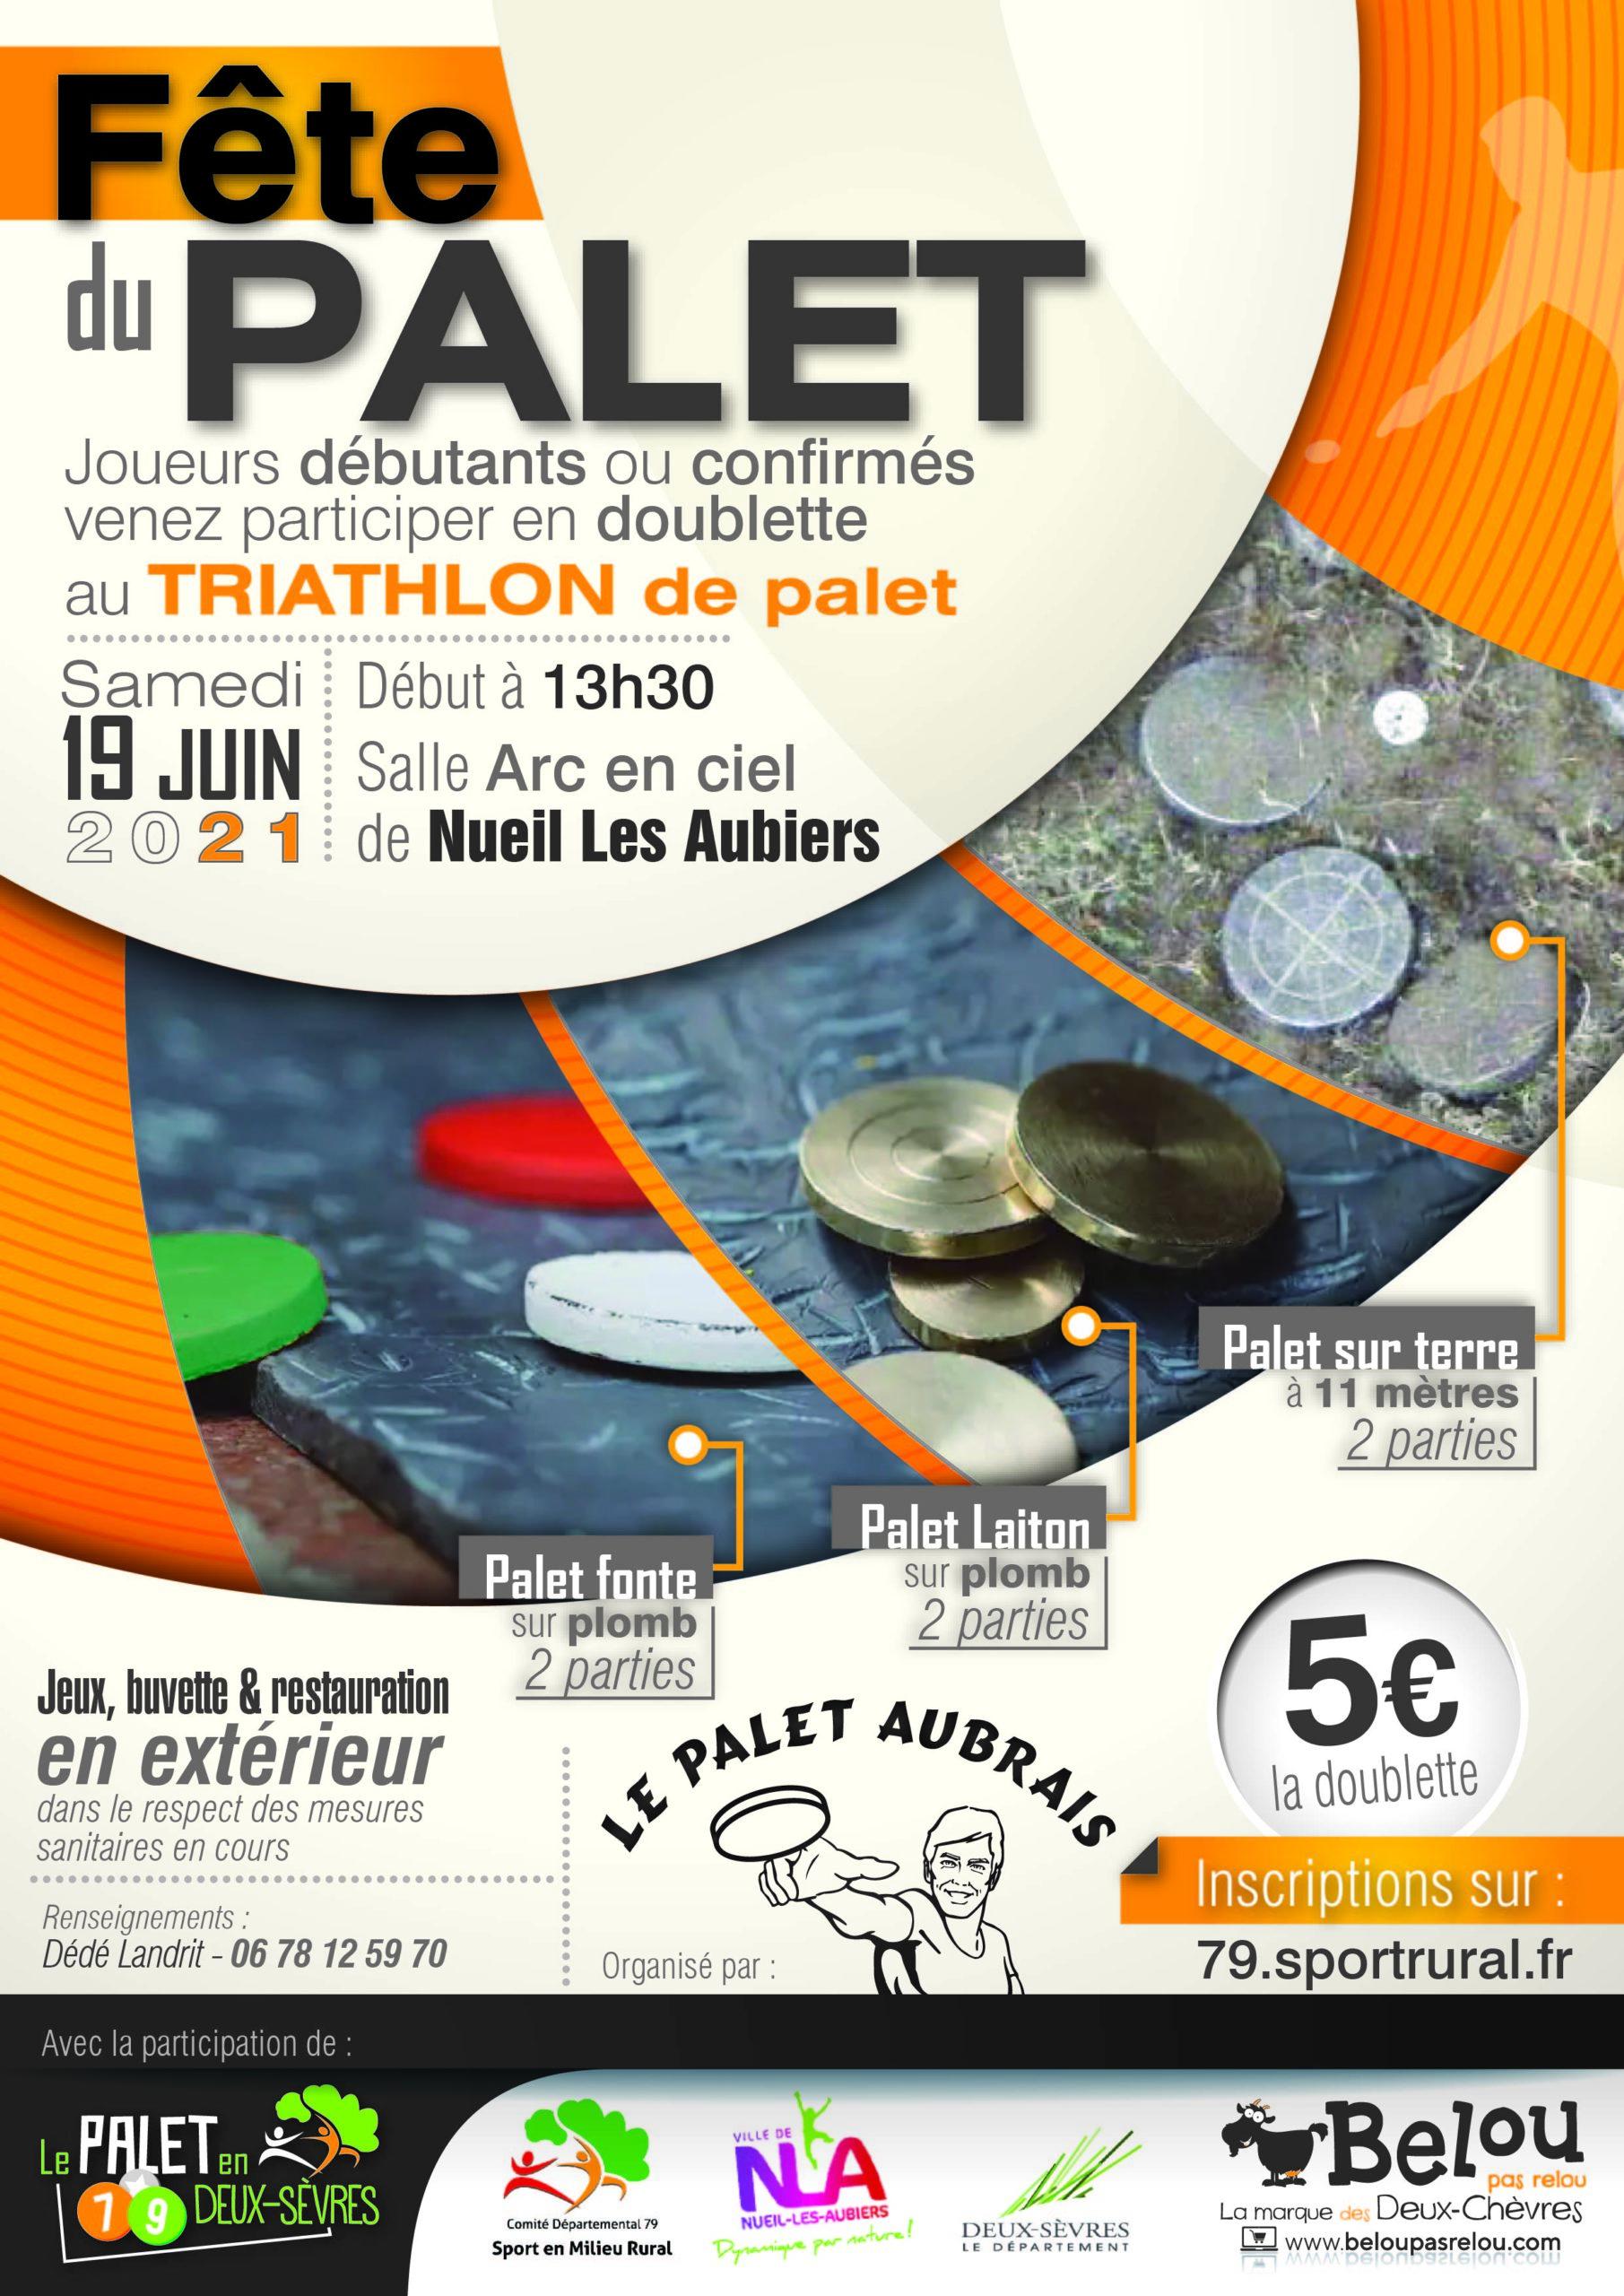 Fête du Palet en Deux-Sèvres – 19 Juin 2021